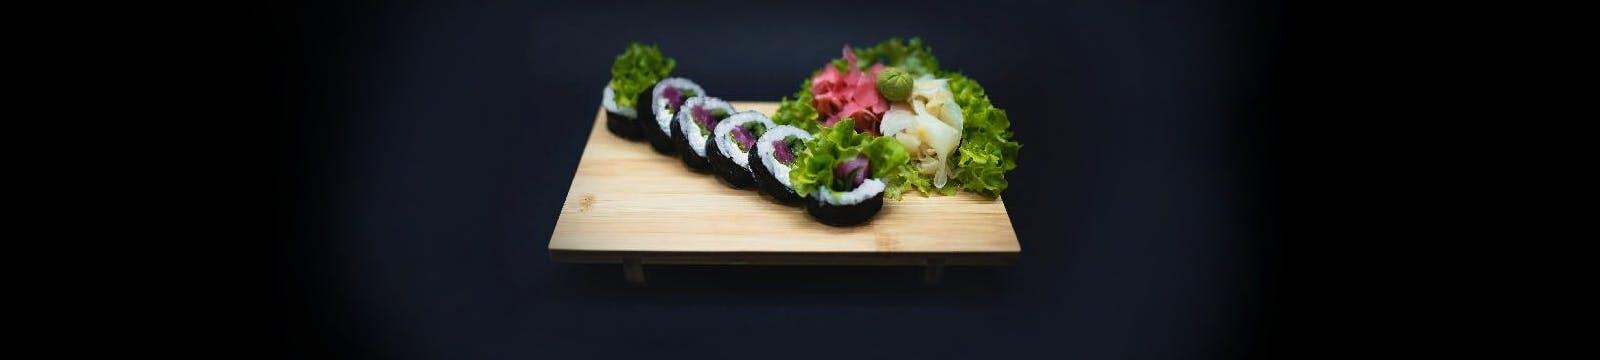 Masz ochotę na pyszne sushi? <br>Zamów już teraz!